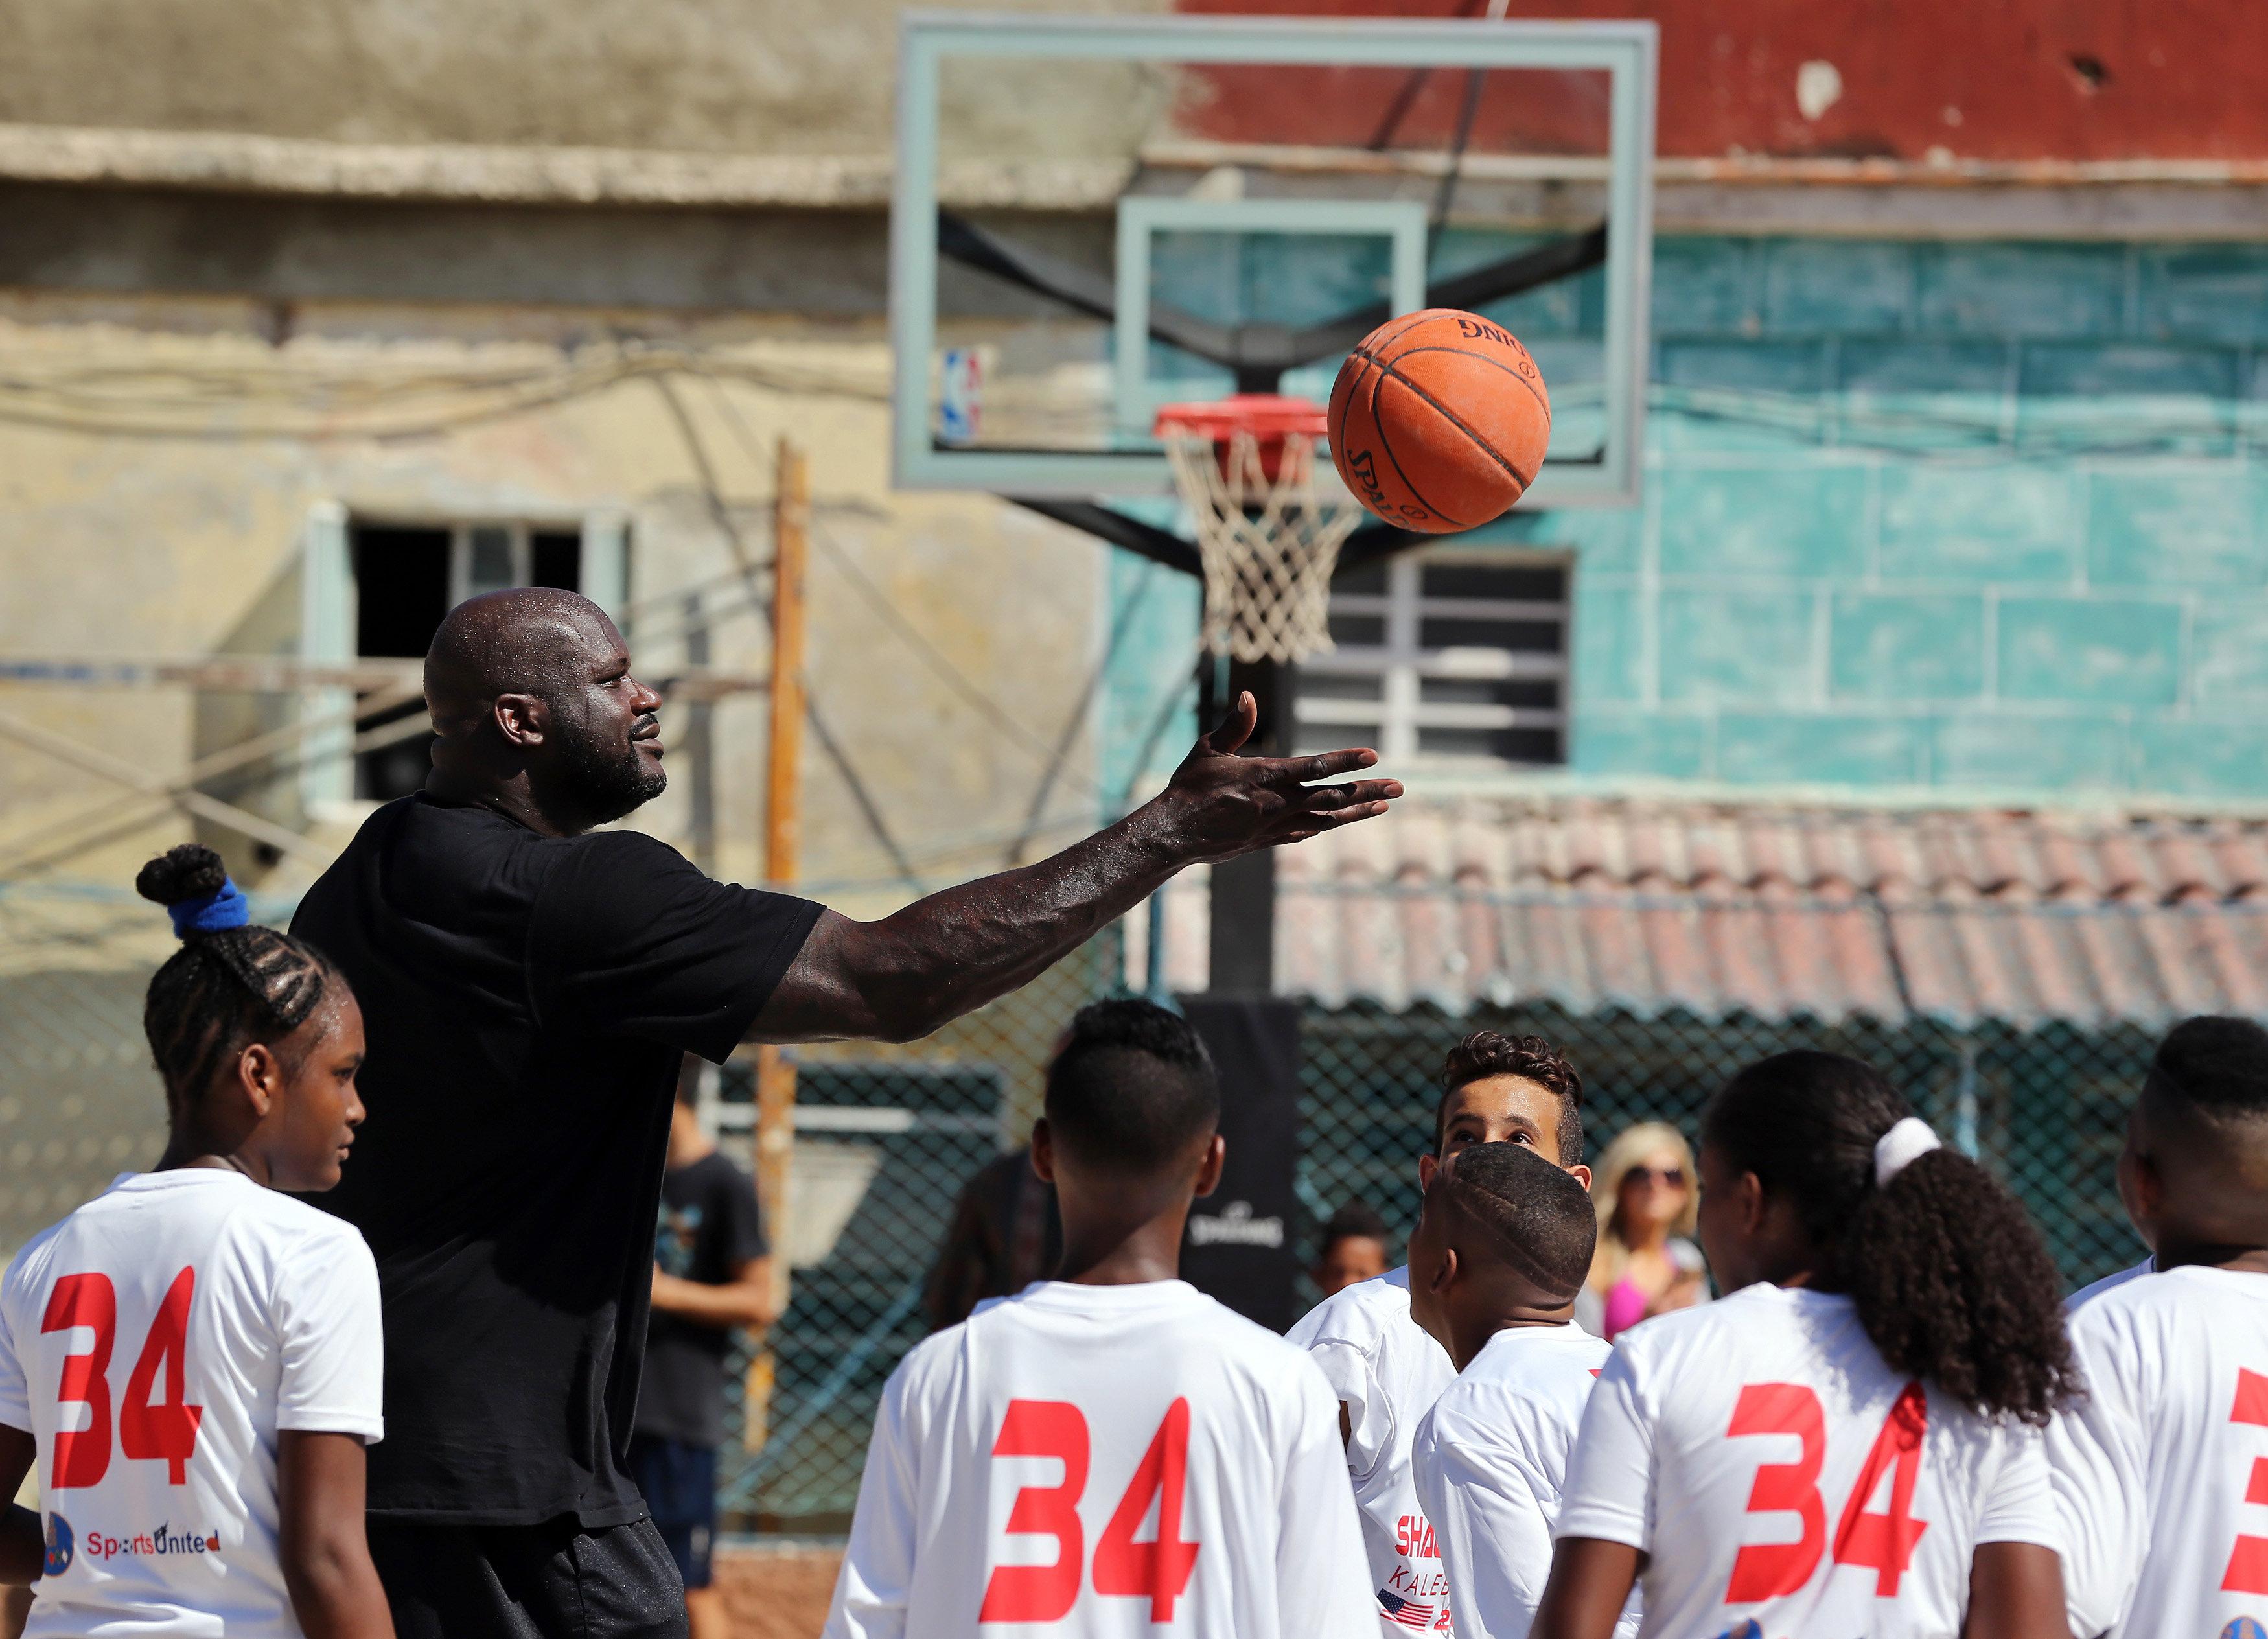 HAB06 LA HABANA (CUBA) 26/06/16.- El baloncestista retirado Shaquille O'Neal, quien jugó durante 19 temporadas en distintos equipos de la NBA, participa en una clínica con jóvenes jugadores de baloncesto hoy, domingo 26 de junio de 2016, en La Habana (Cuba). O'Neal, se encuentra en la isla como enviado del Departamento de Estado de EEUU, en el marco de la normalización de relaciones entre ambos países. EFE/Alejandro Ernesto